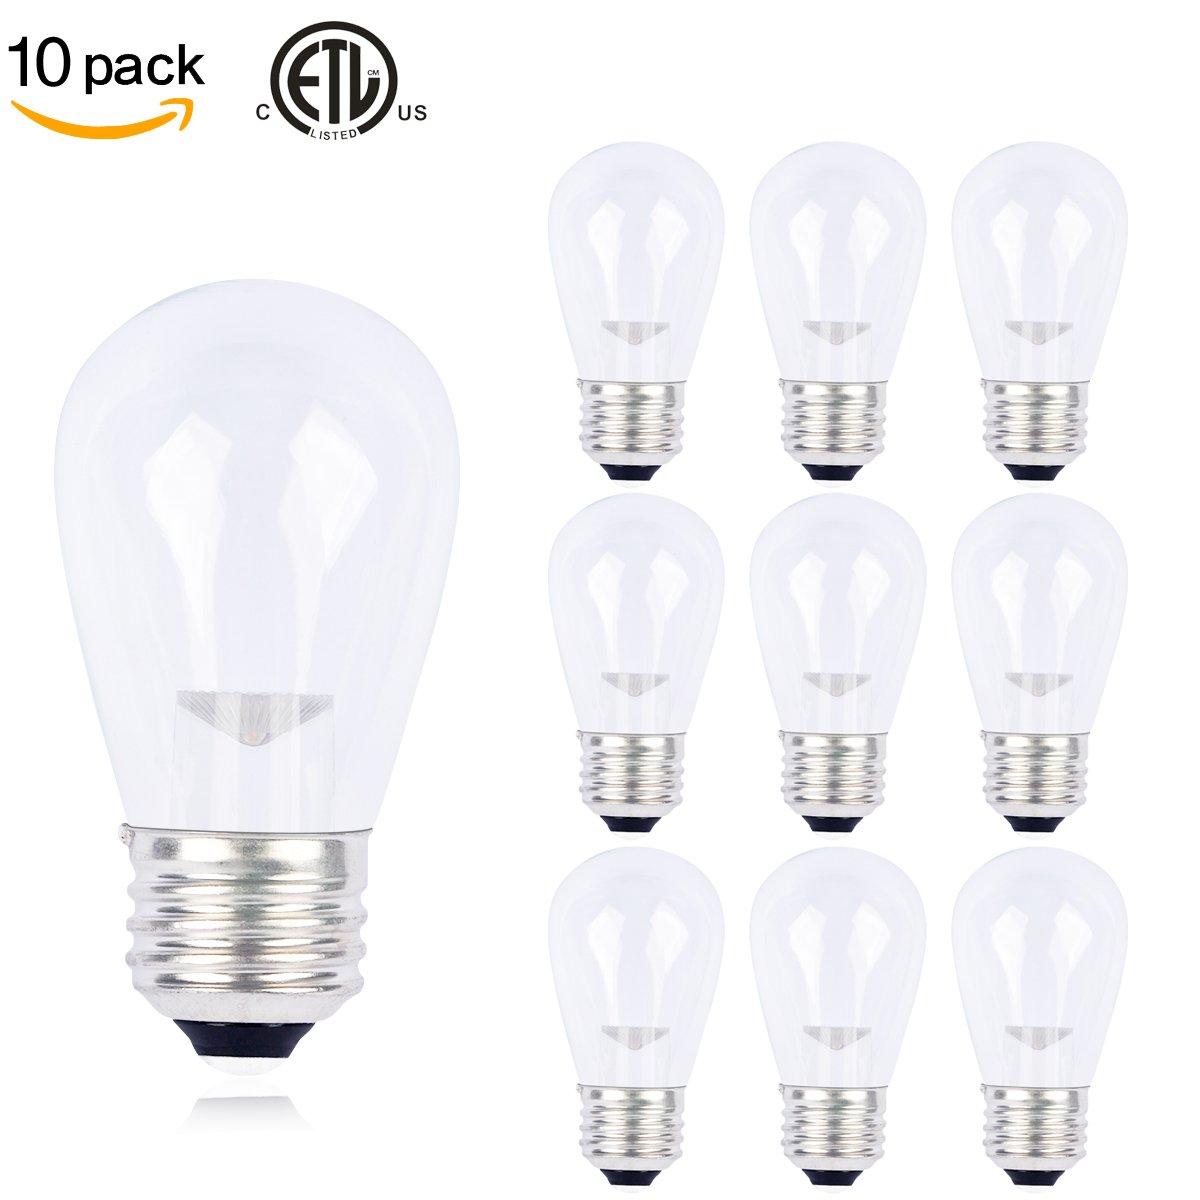 10 Pack Slz S14 Led Bulbs Clear Glass Warm White K